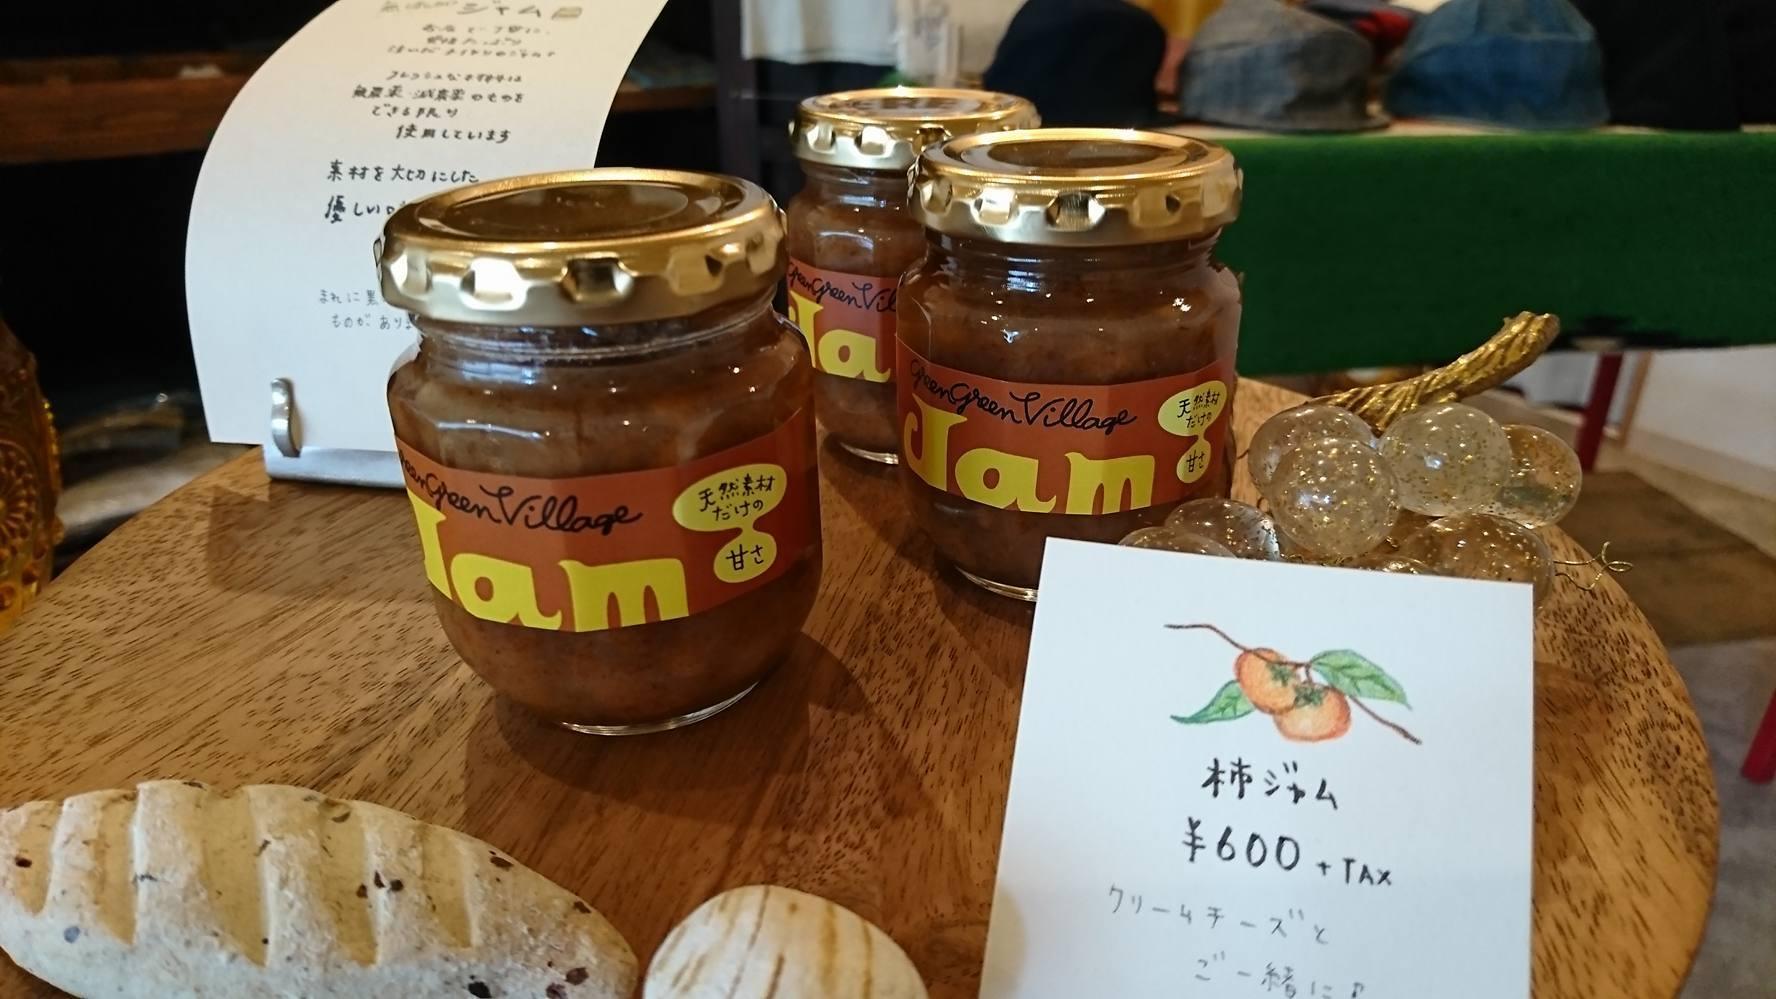 「紅玉林檎ジャム」作り& ミズムNo,251_a0125419_05455432.jpg